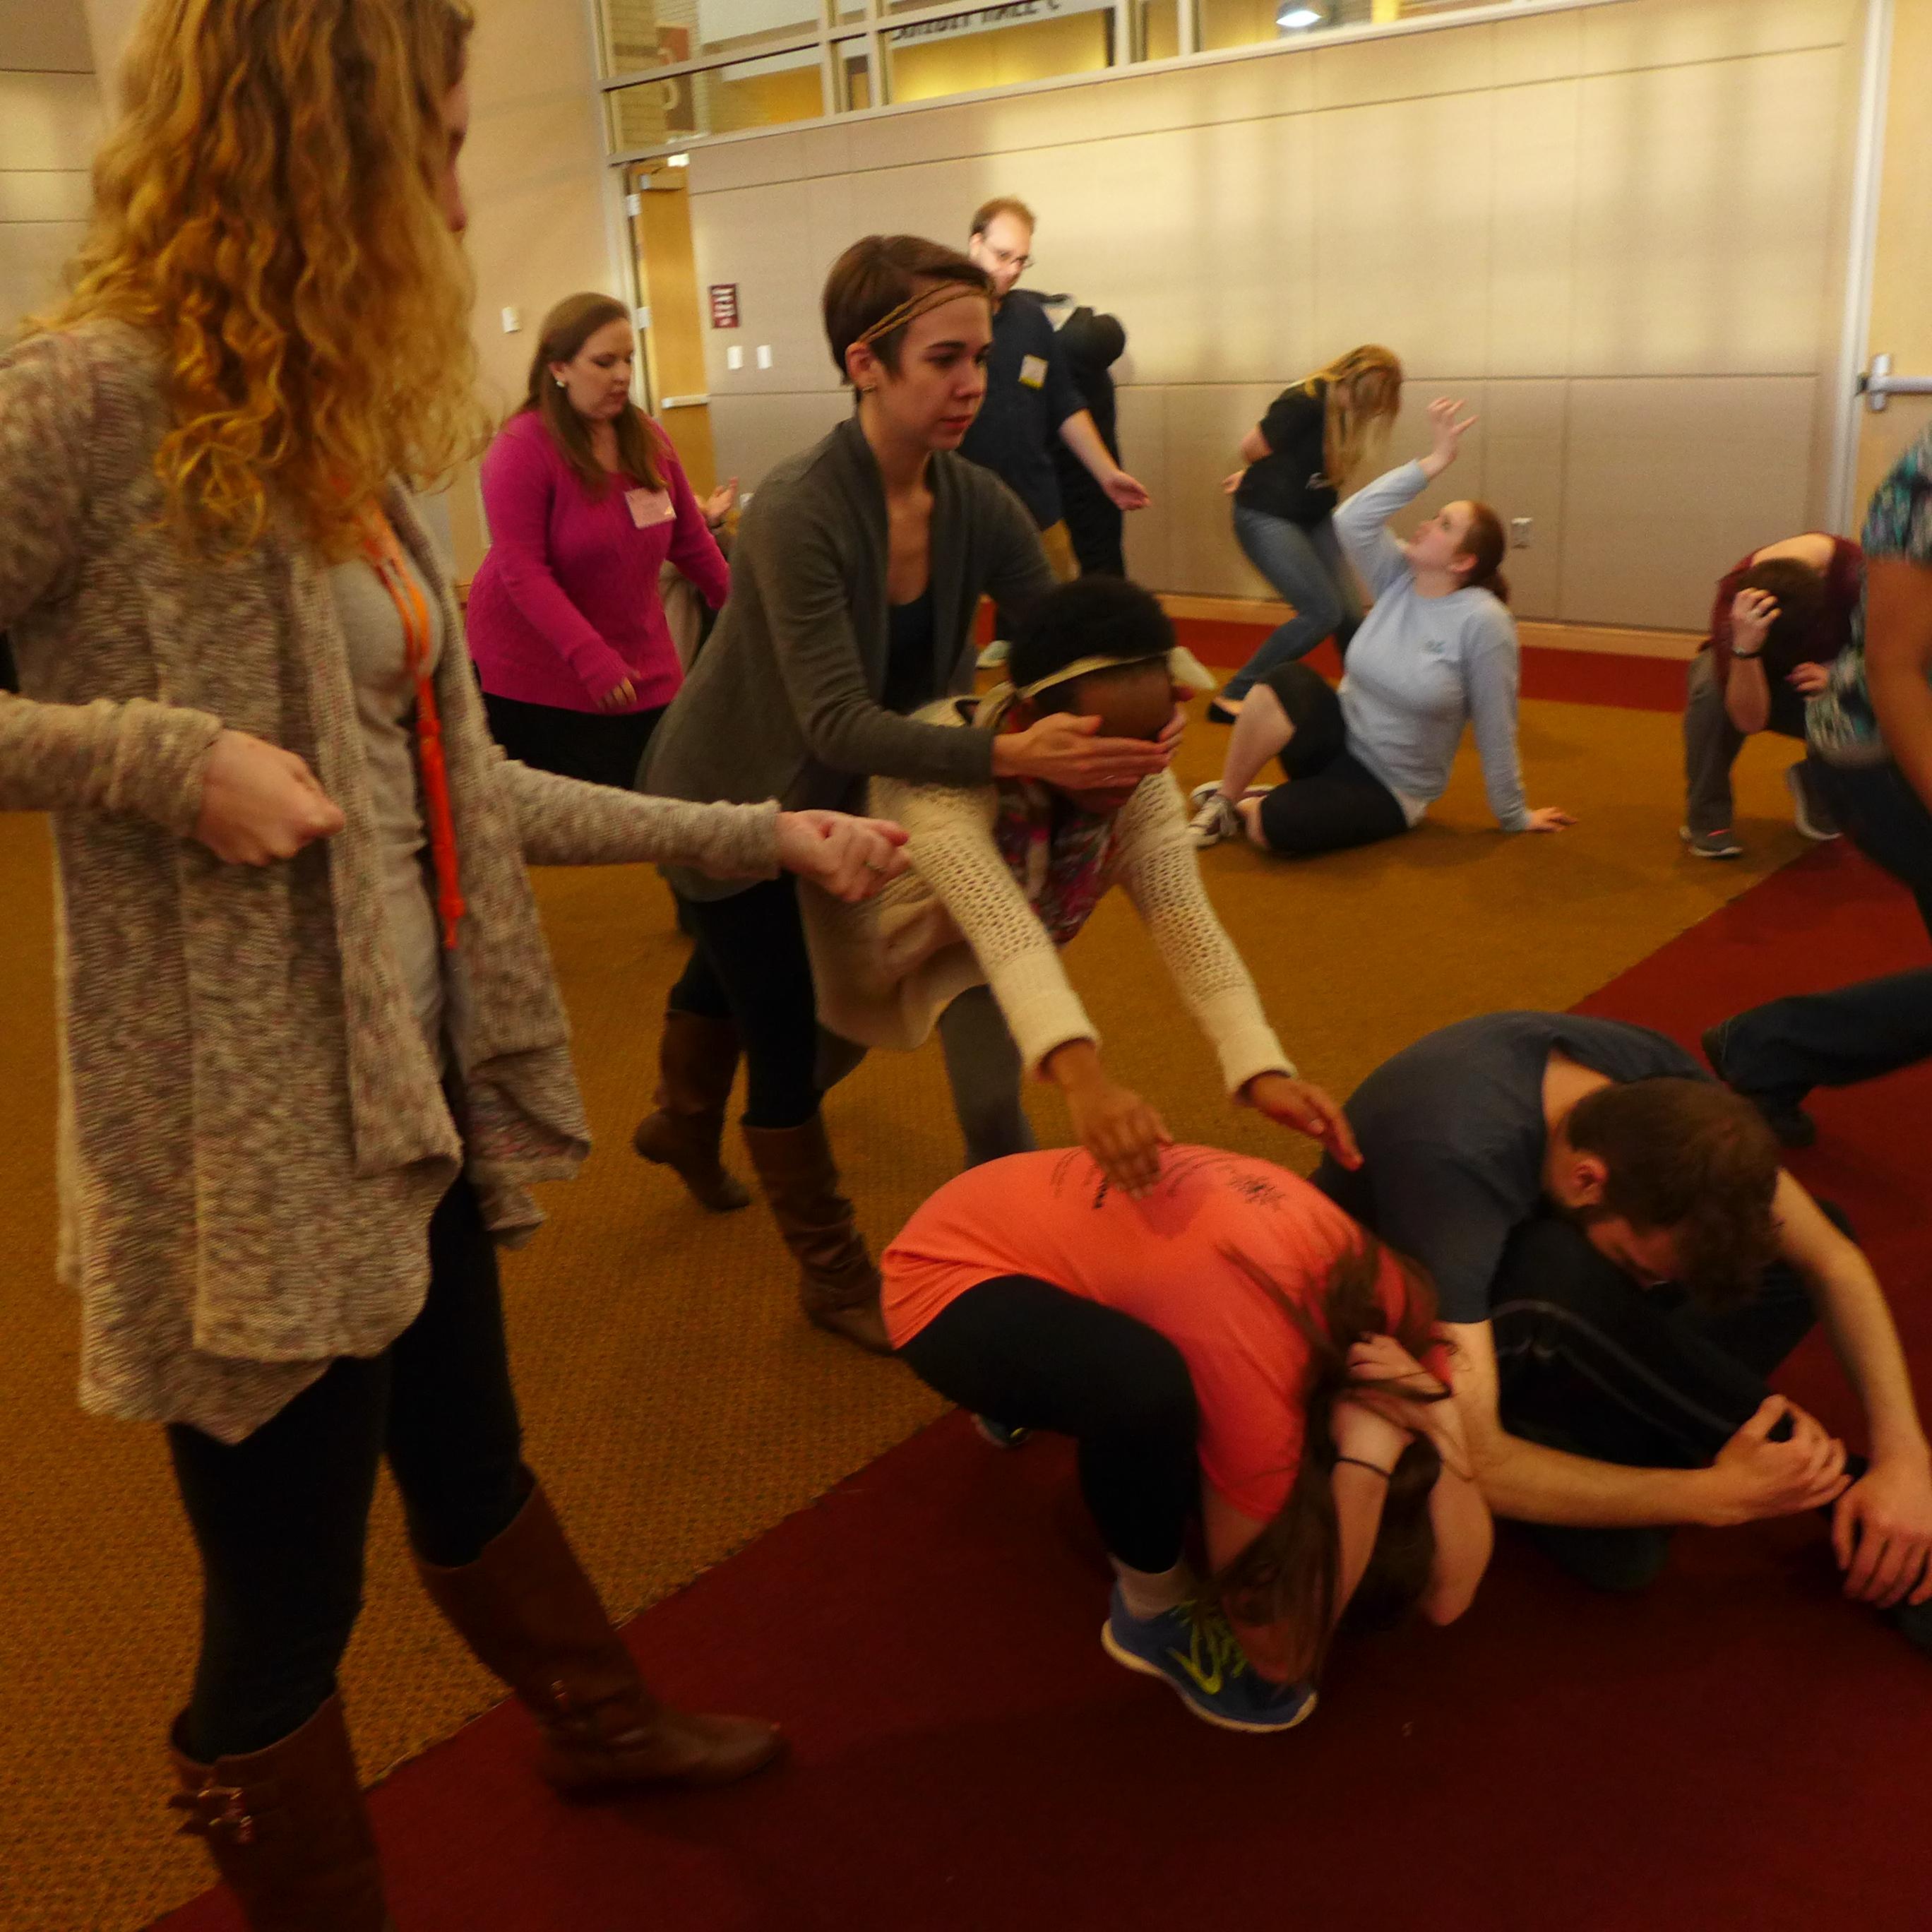 Michael Chekhov Master Teacher Lisa Dalton teaches at SETC